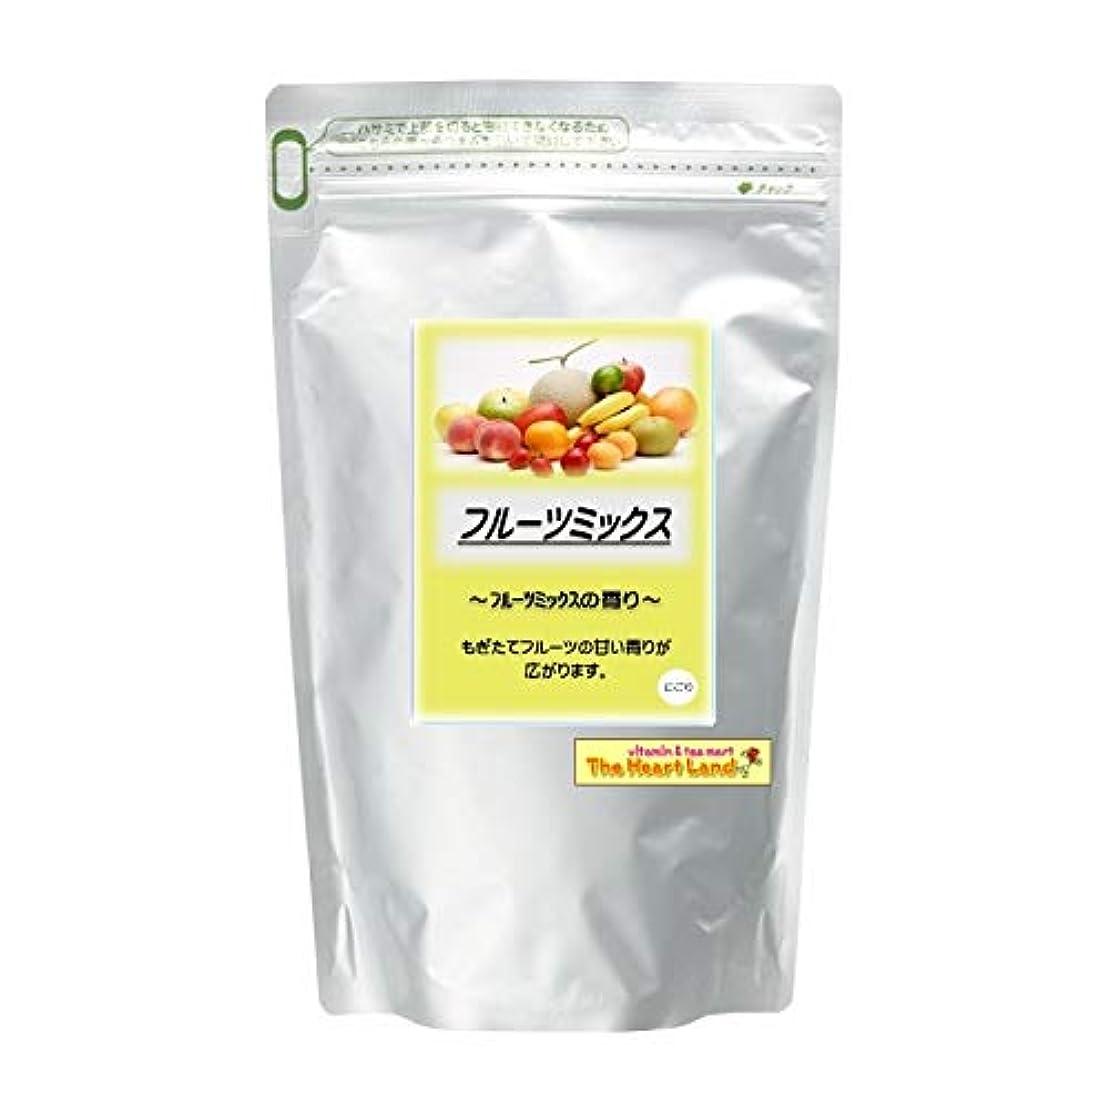 抵当スロープシャッフルアサヒ入浴剤 浴用入浴化粧品 フルーツミックス 2.5kg